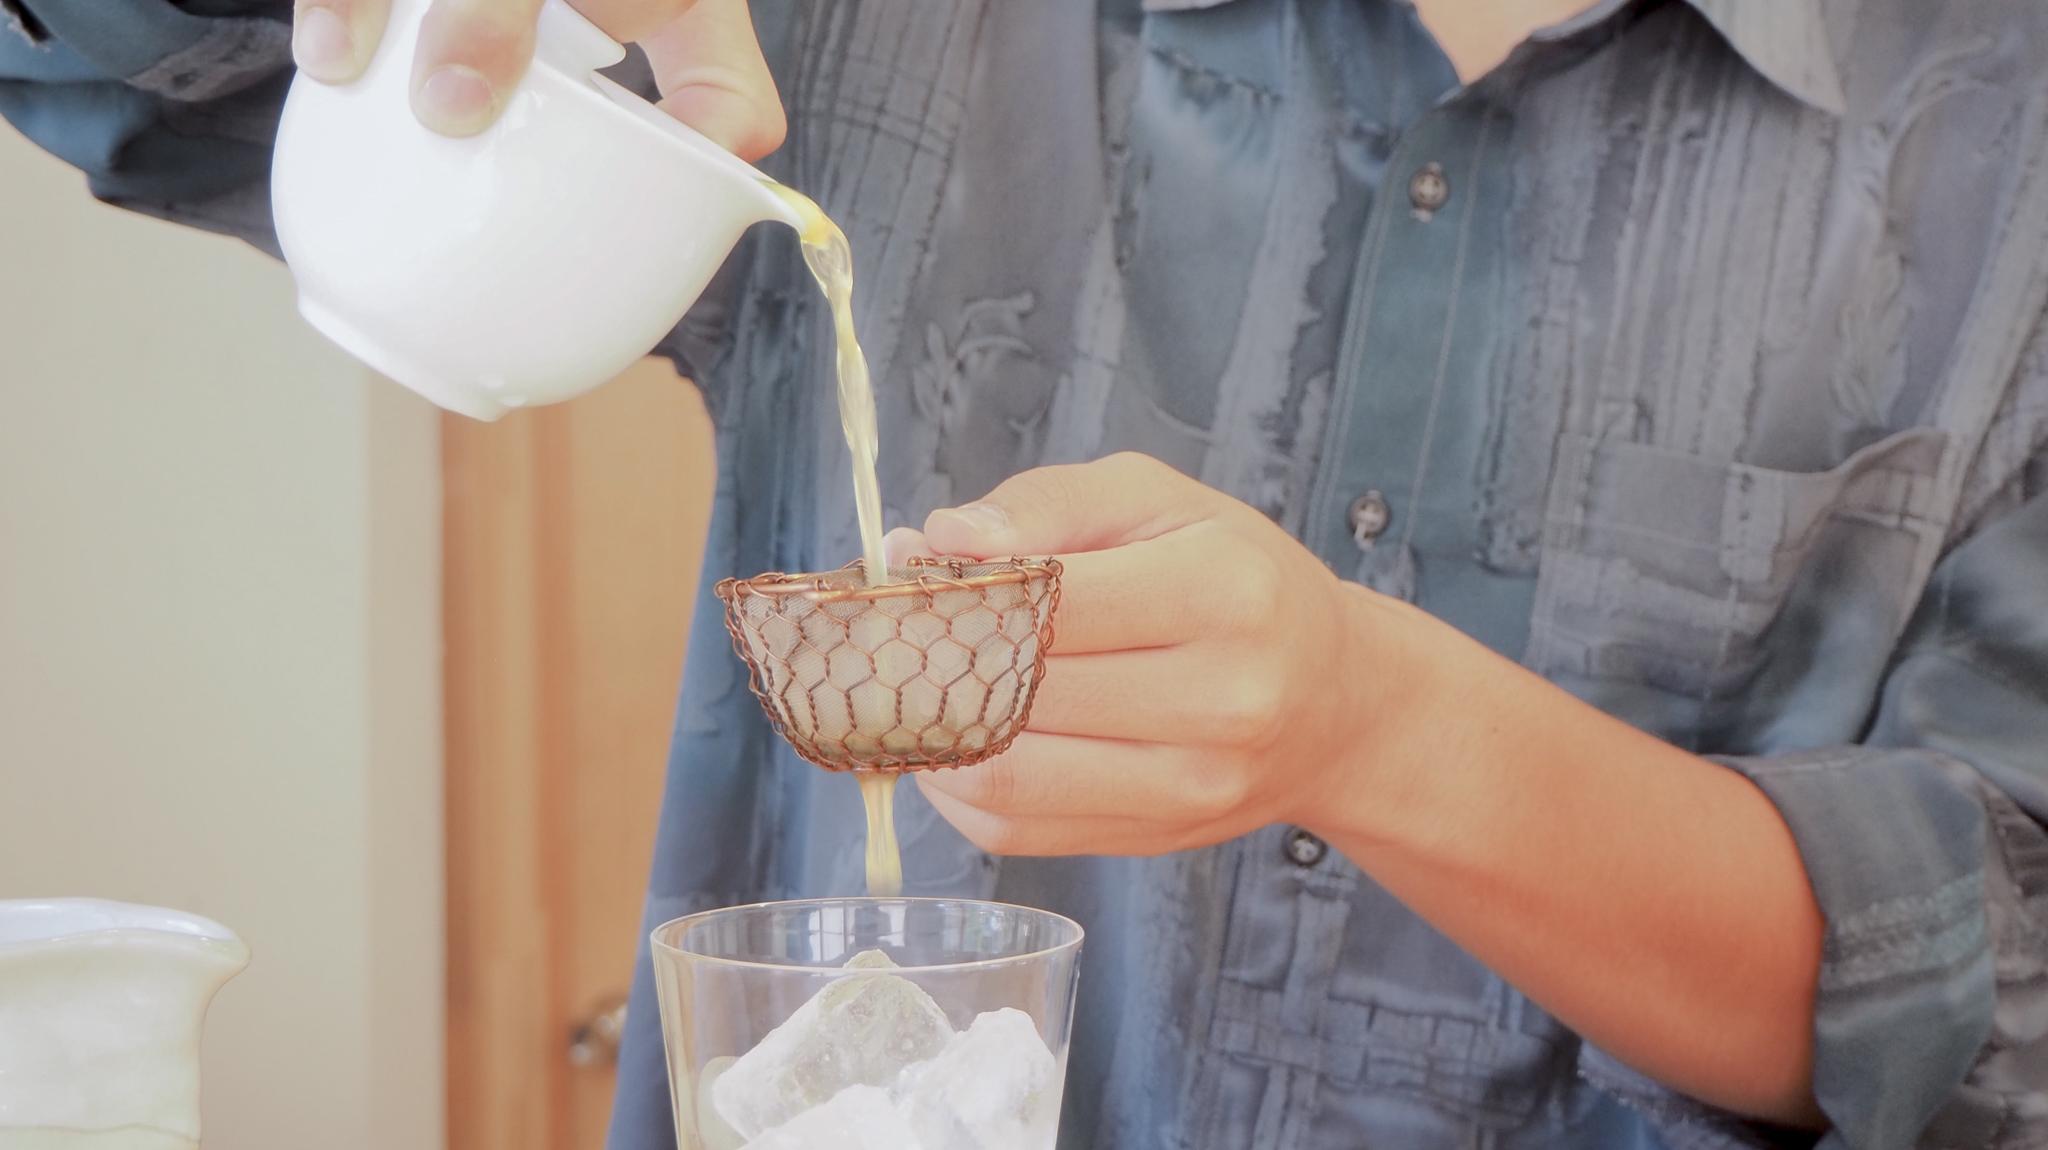 岐阜県美濃加茂市の新スポット! 話題の「泊まれる日本茶スタンド」を体験レポート - minokamo8 1